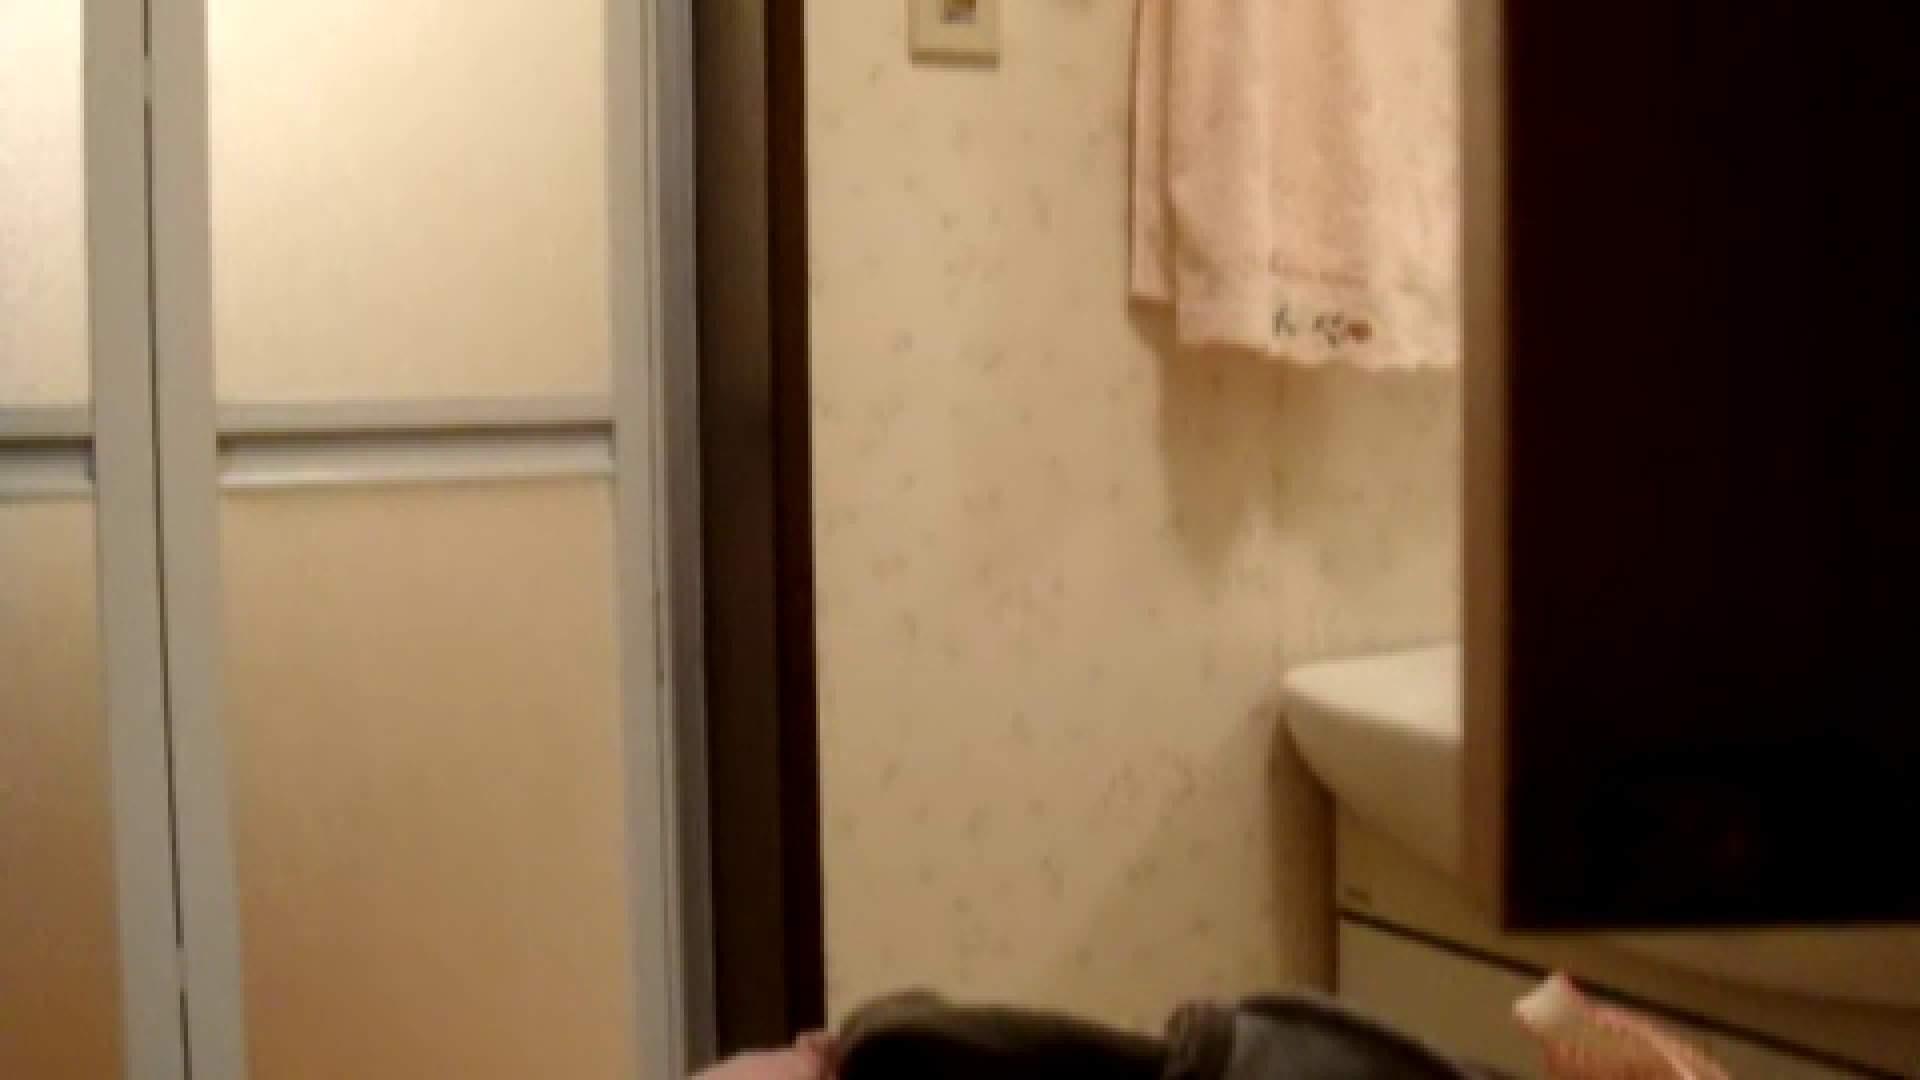 二人とも育てた甲斐がありました… vol.08 まどかの入浴中にカメラに気付いたか!? 入浴 | HなOL  50pic 33